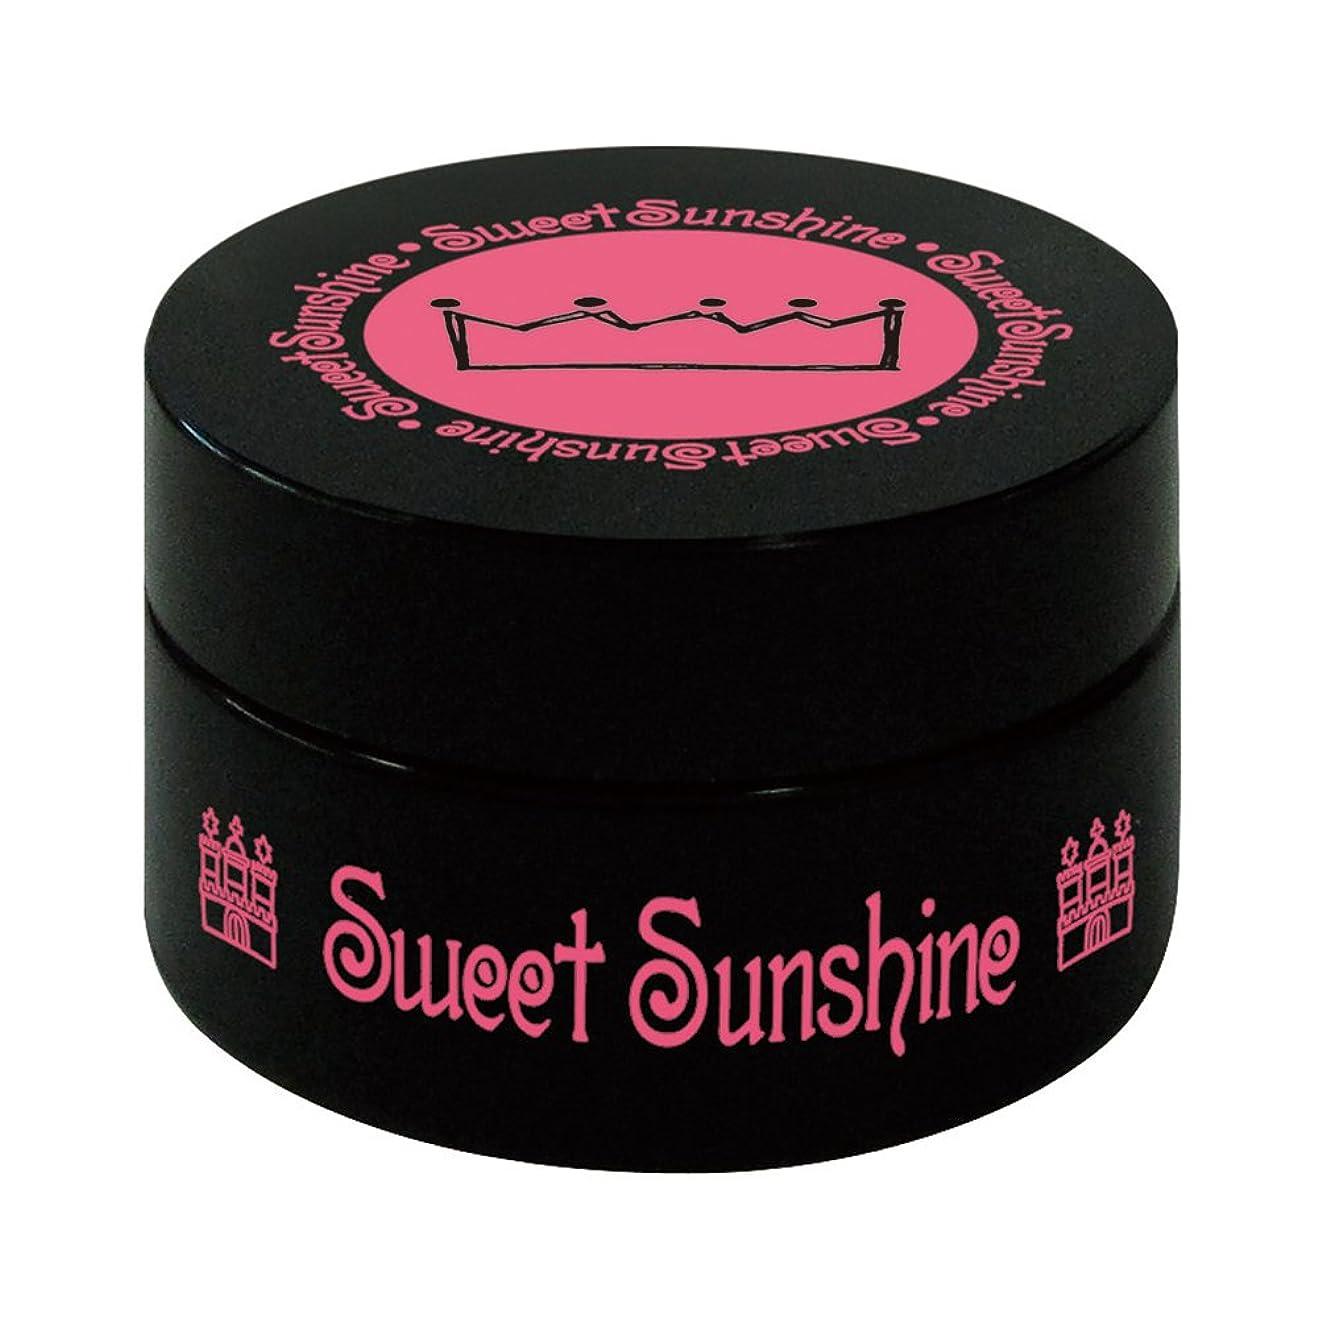 世論調査部分的に剪断最速硬化LED対応 Sweet Sunshine スィート サンシャイン カラージェル SC-20 4g ロイヤルレッド